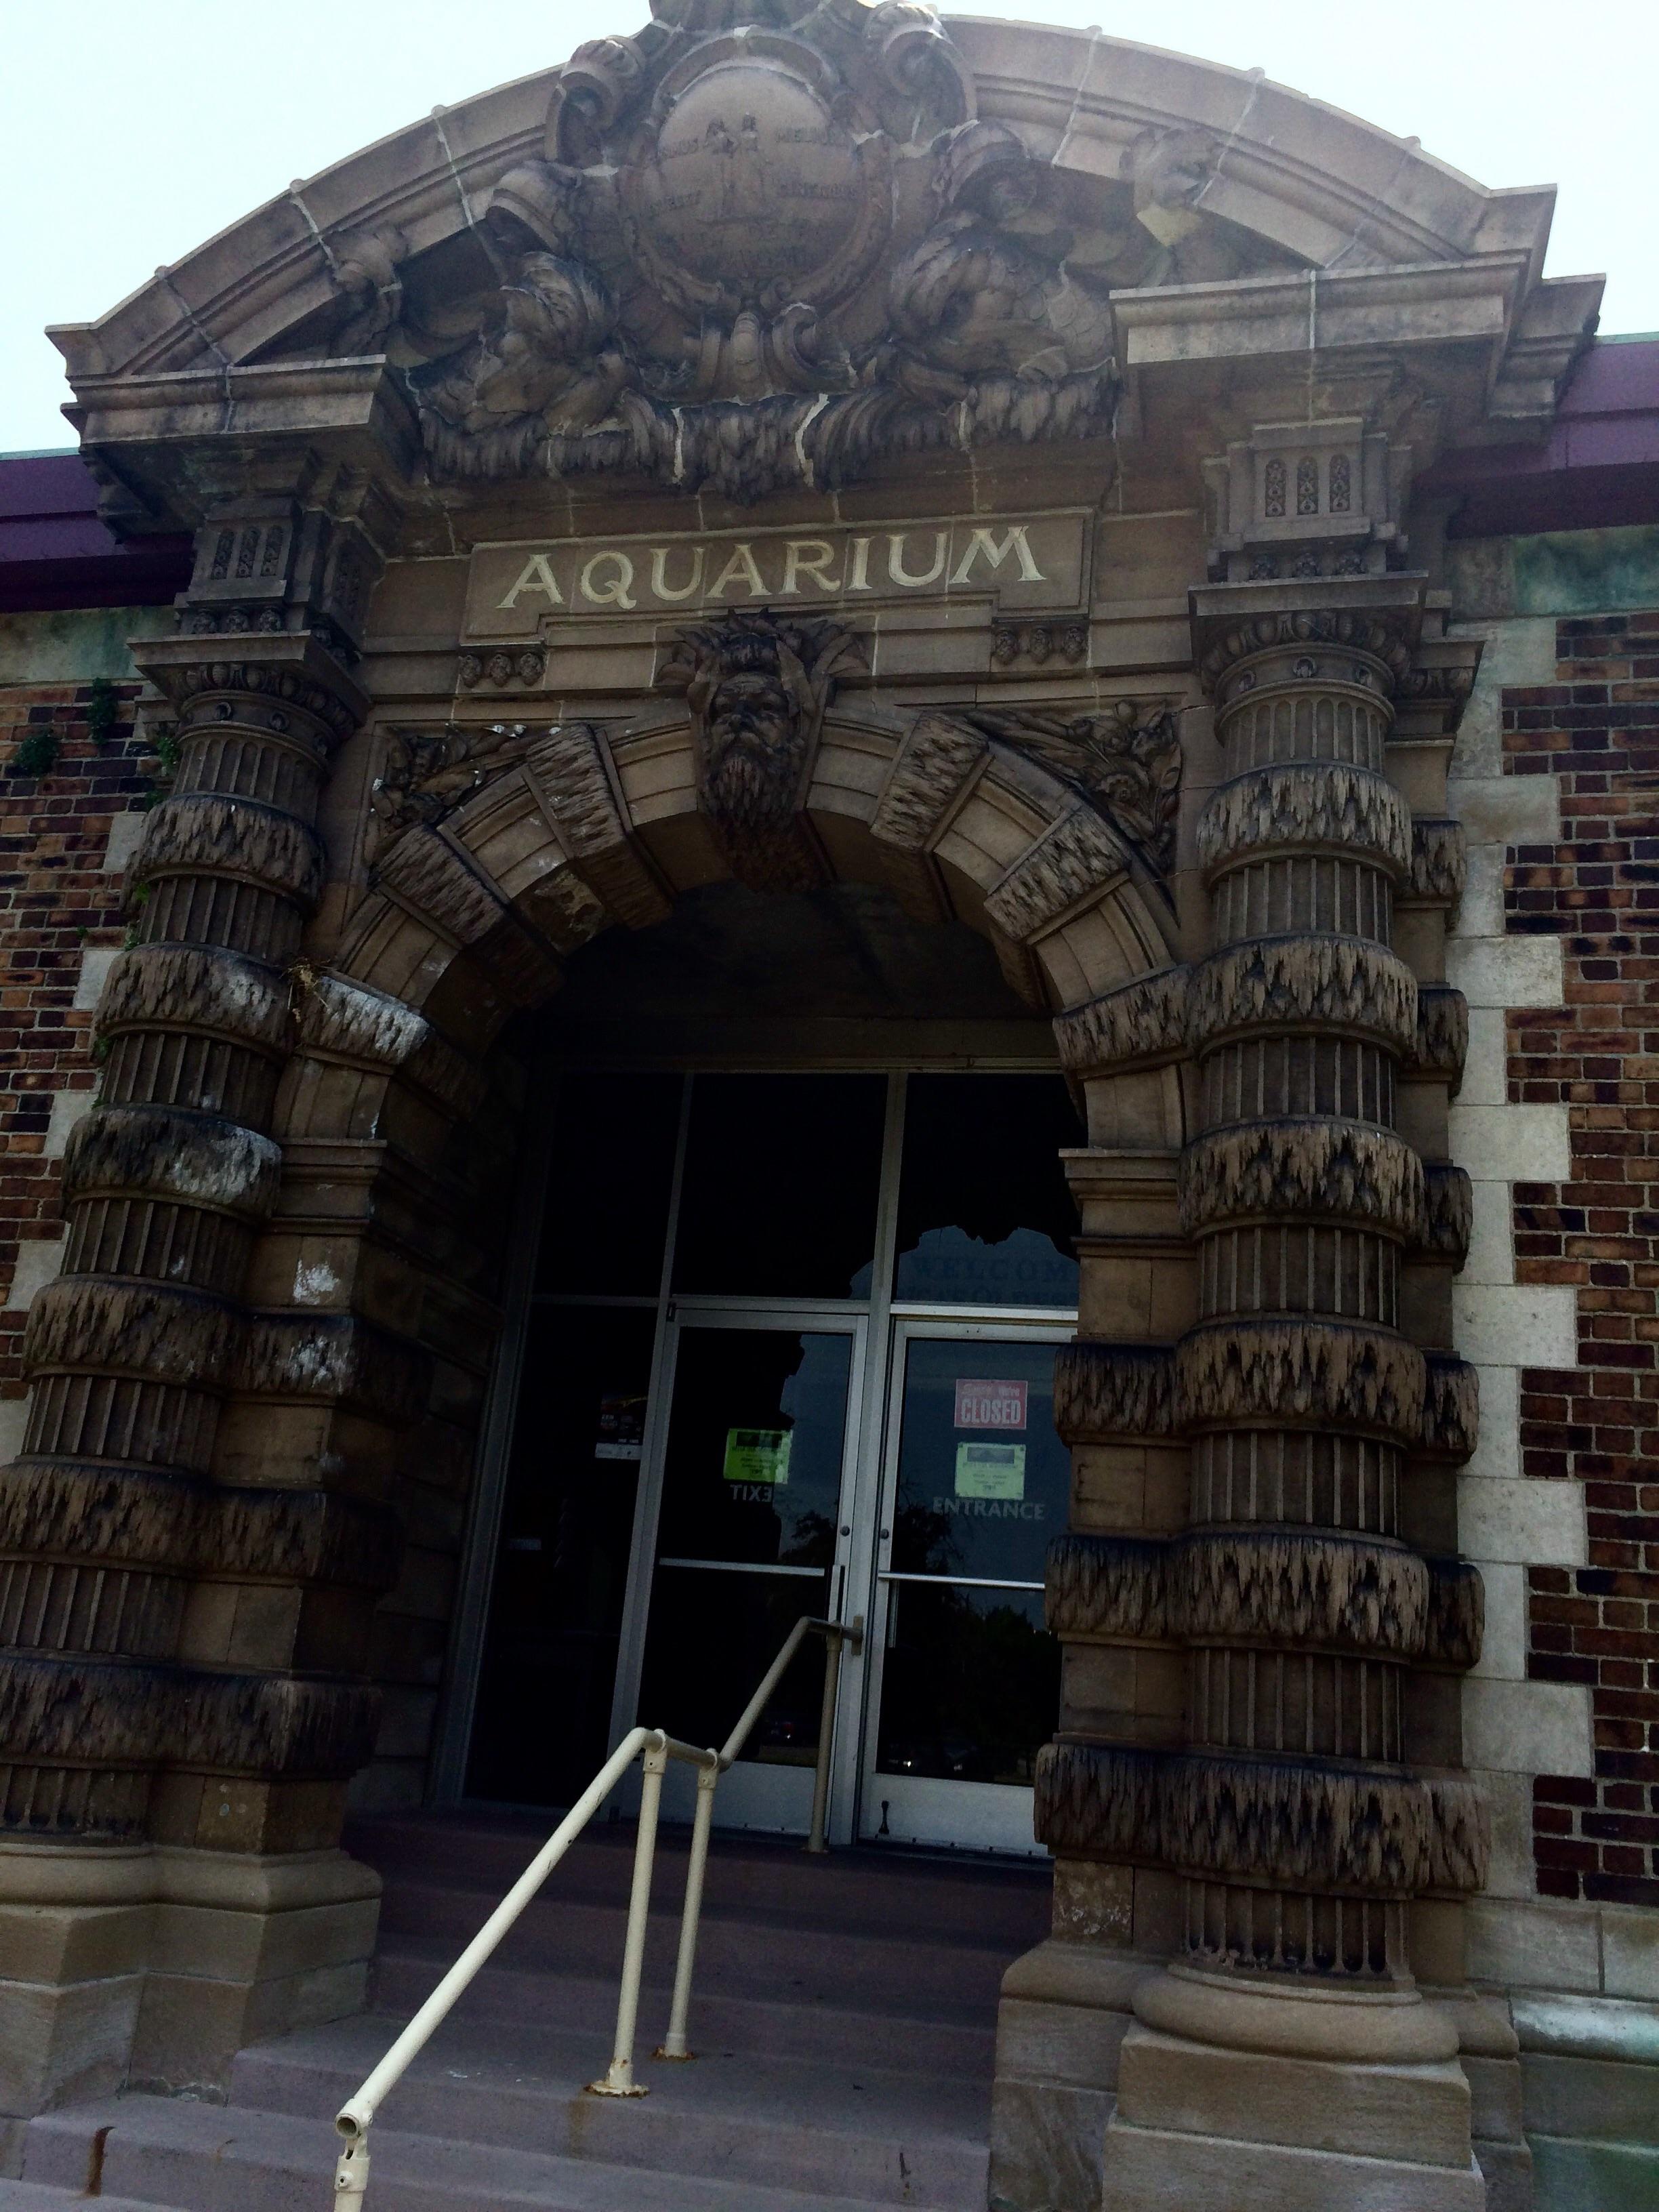 Bell island aquarium